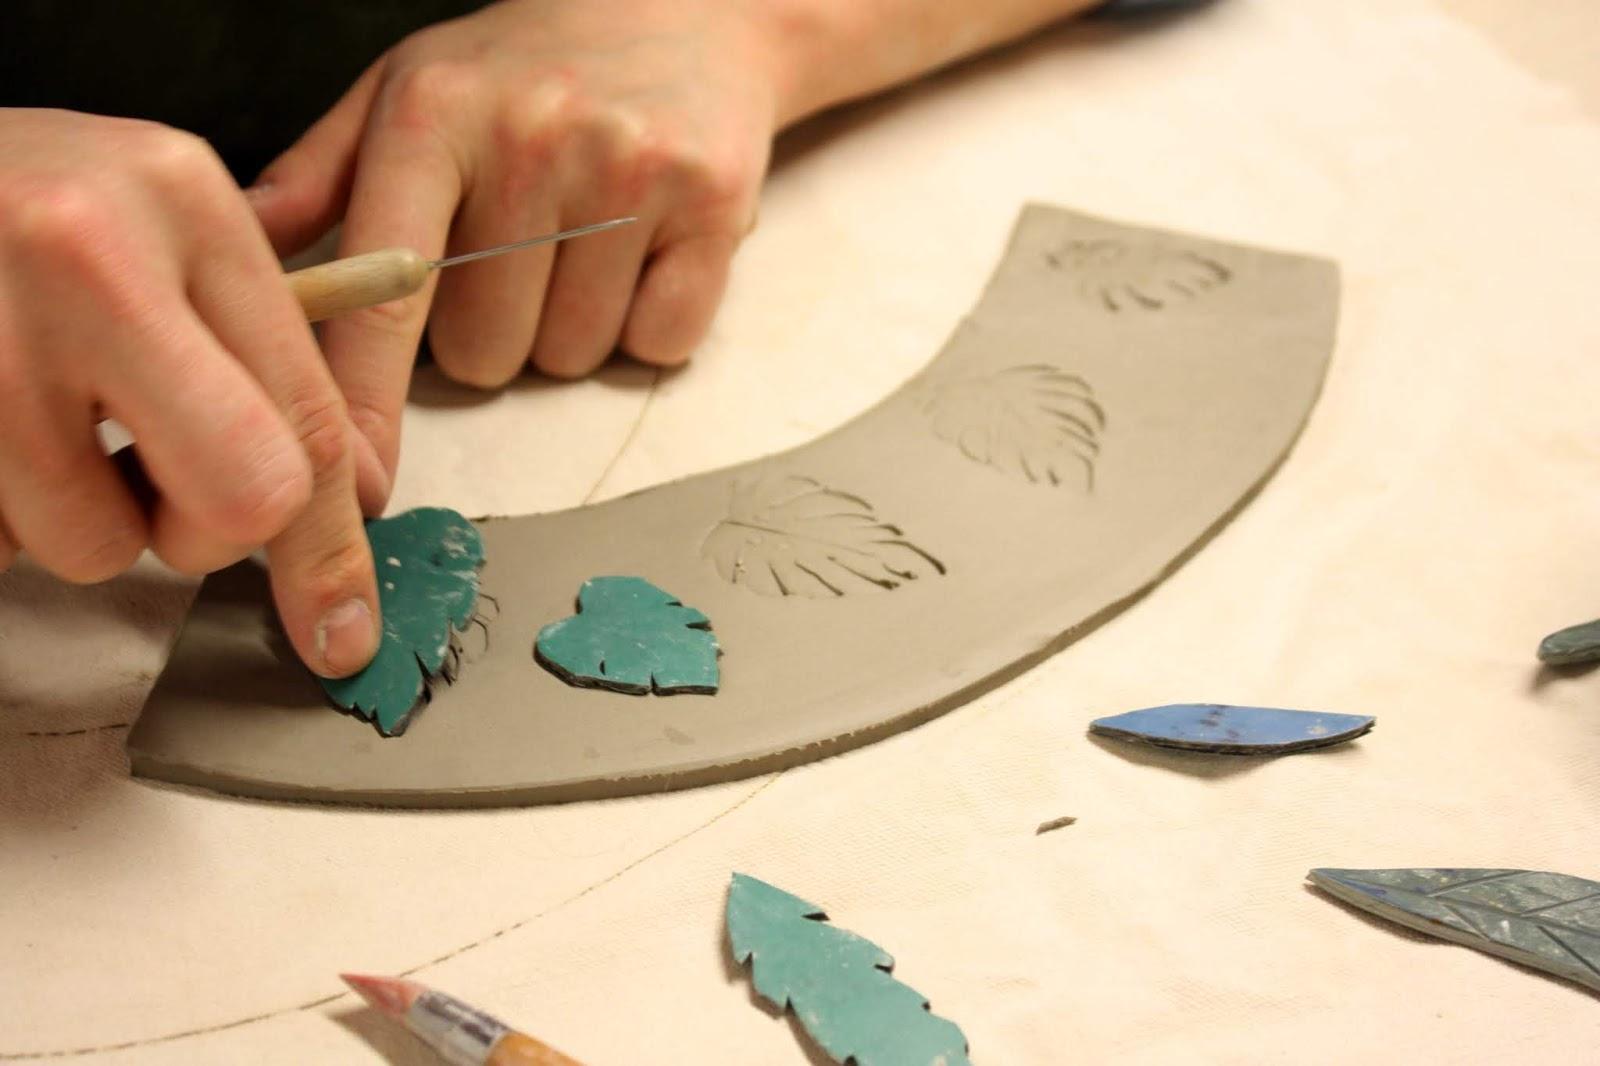 Handcrafted detail in Liz's ceramics studio